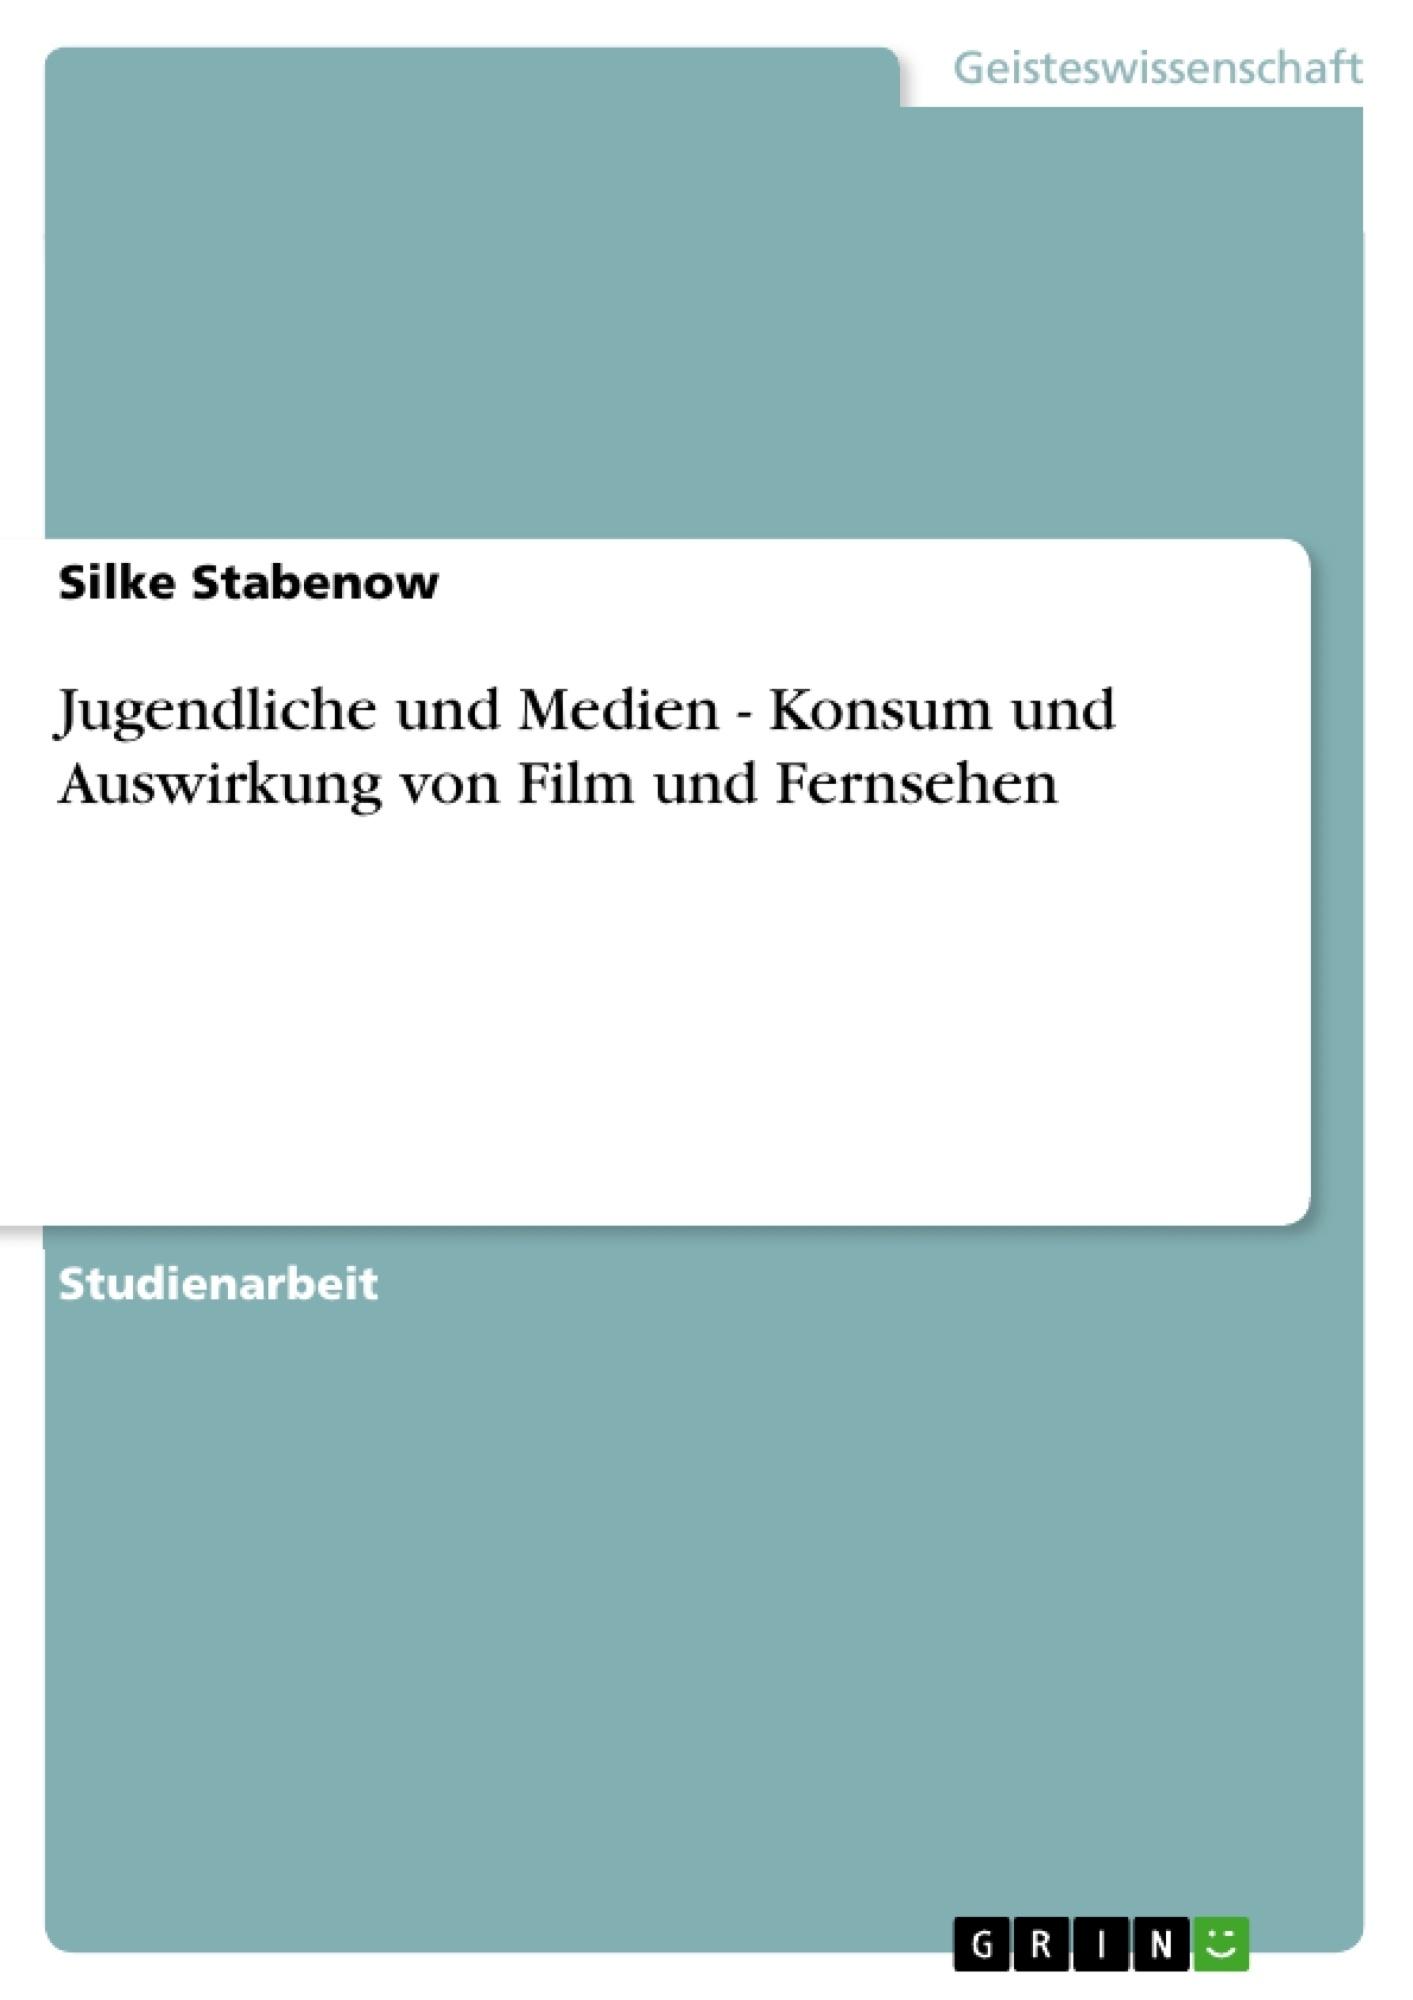 Titel: Jugendliche und Medien - Konsum und Auswirkung von Film und Fernsehen